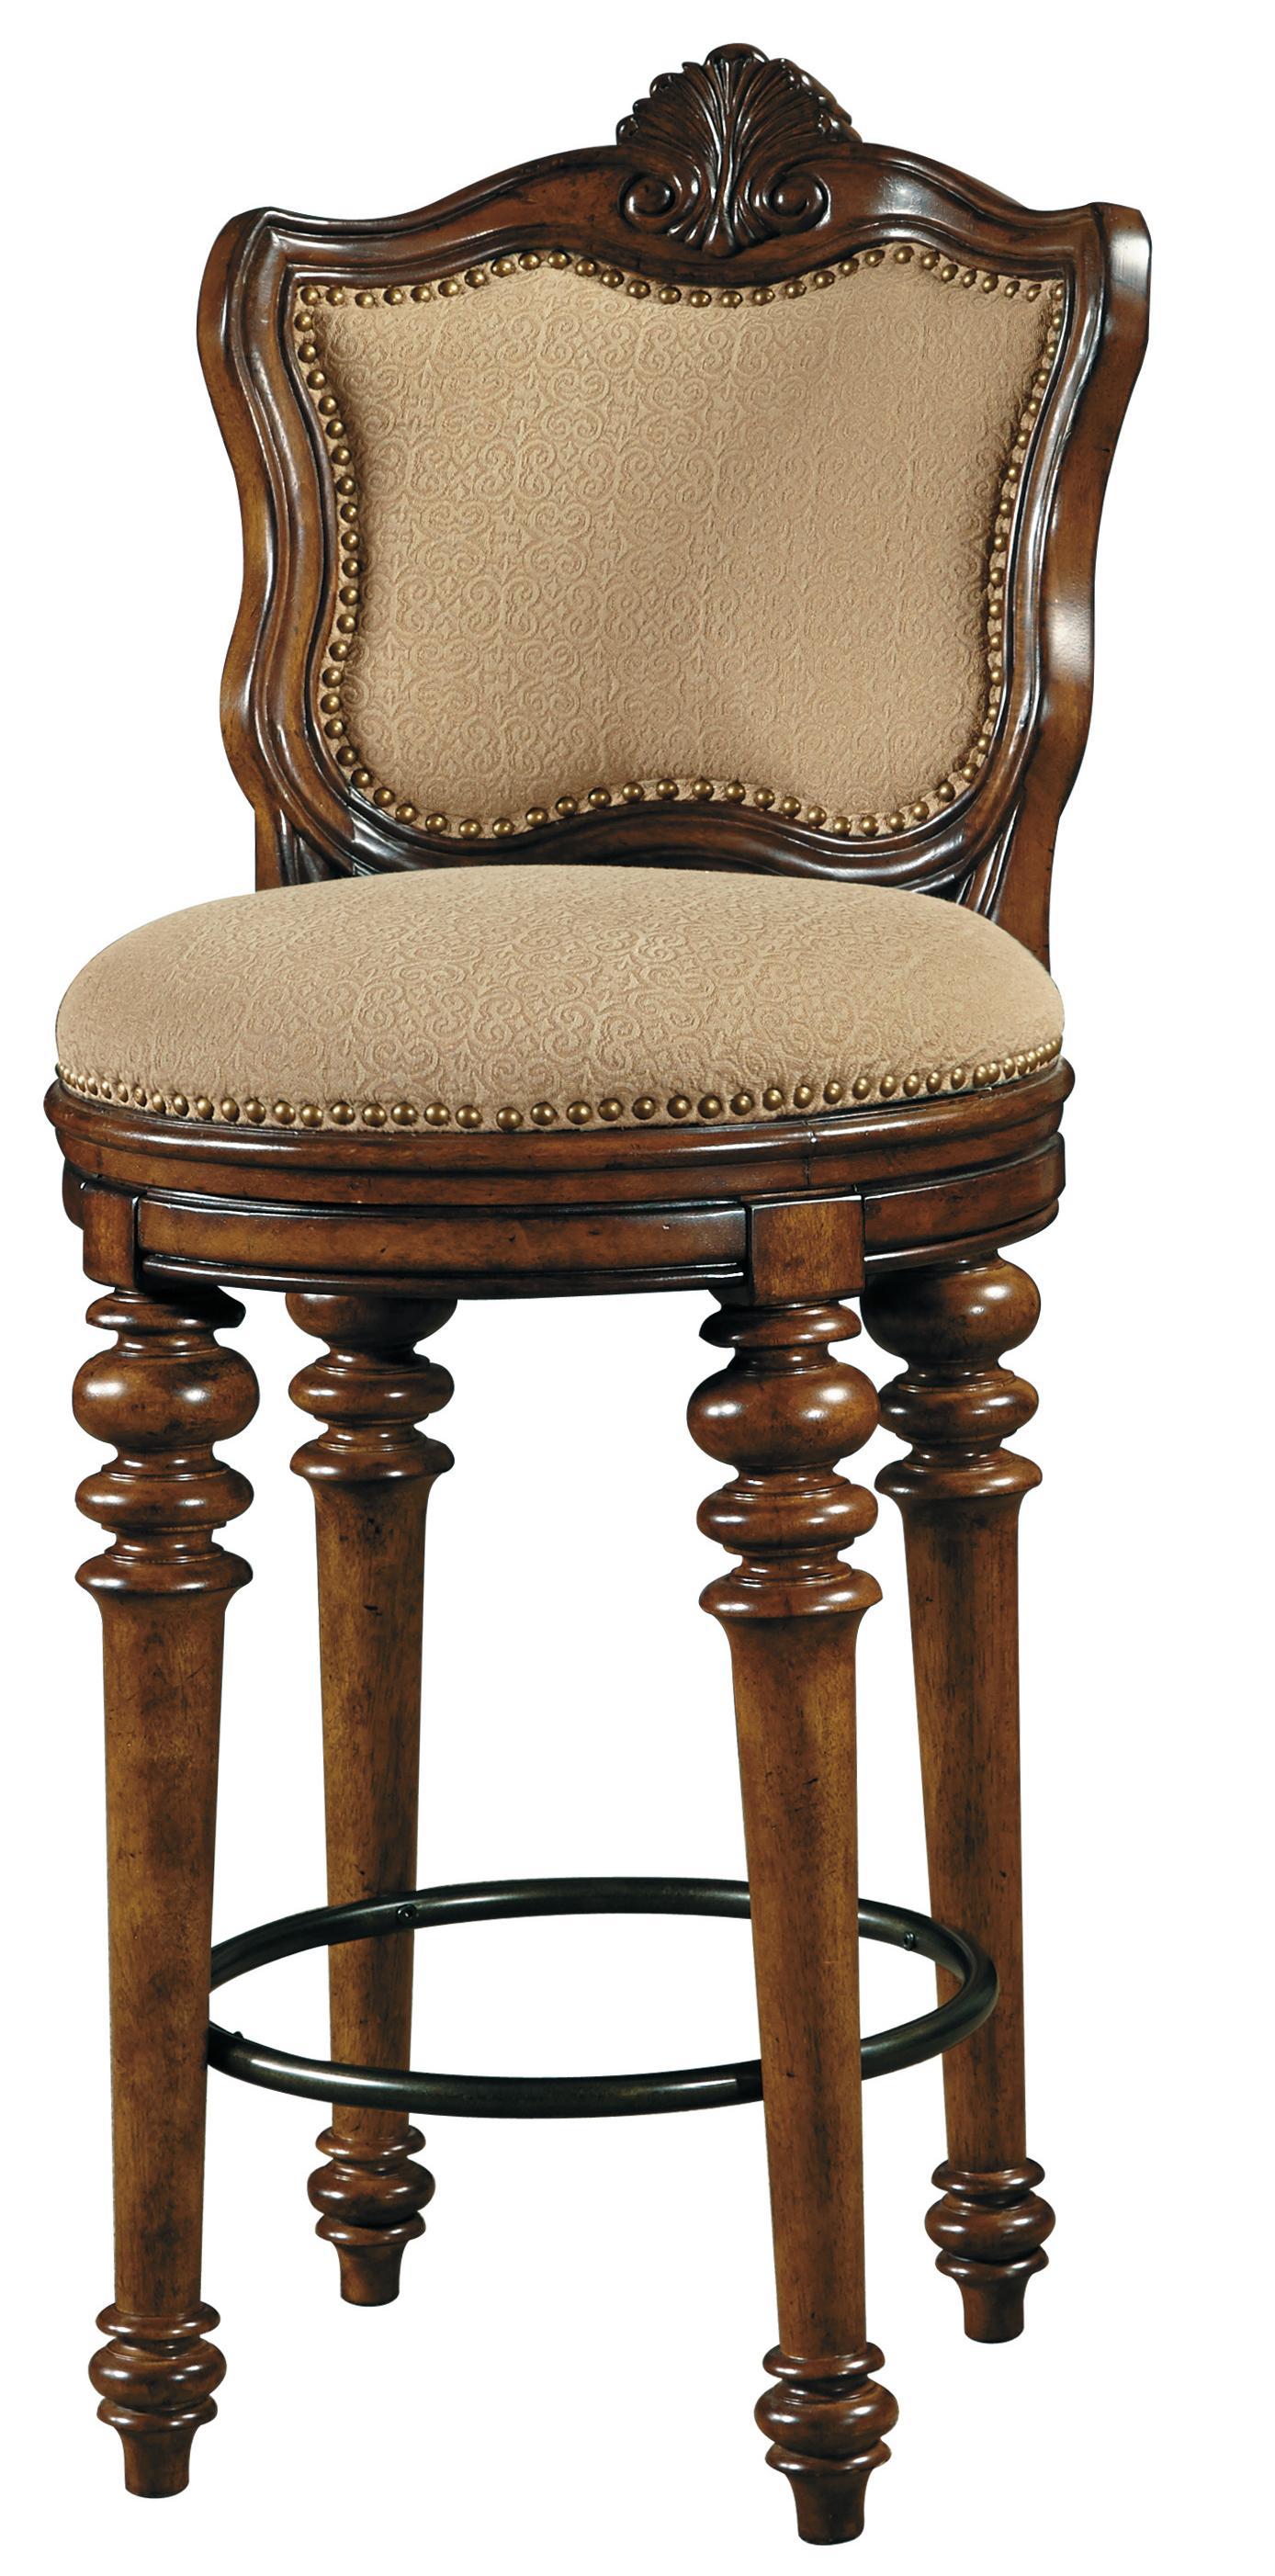 Pulaski Furniture Accents Coronado Estates Barstool - Item Number: 665501